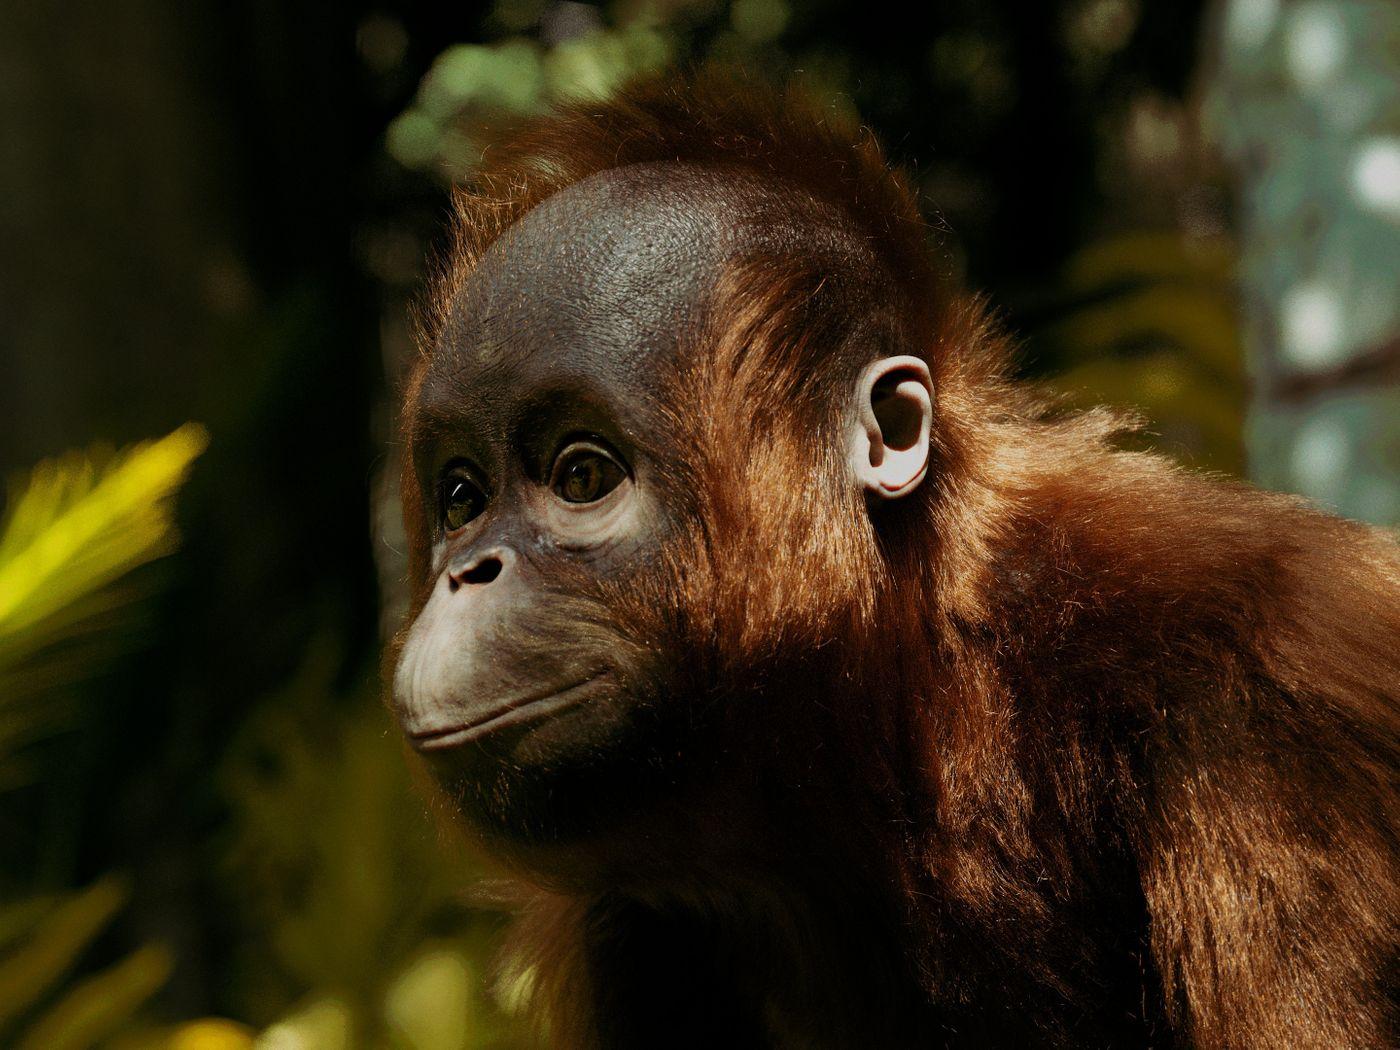 Boro-the Orangutan